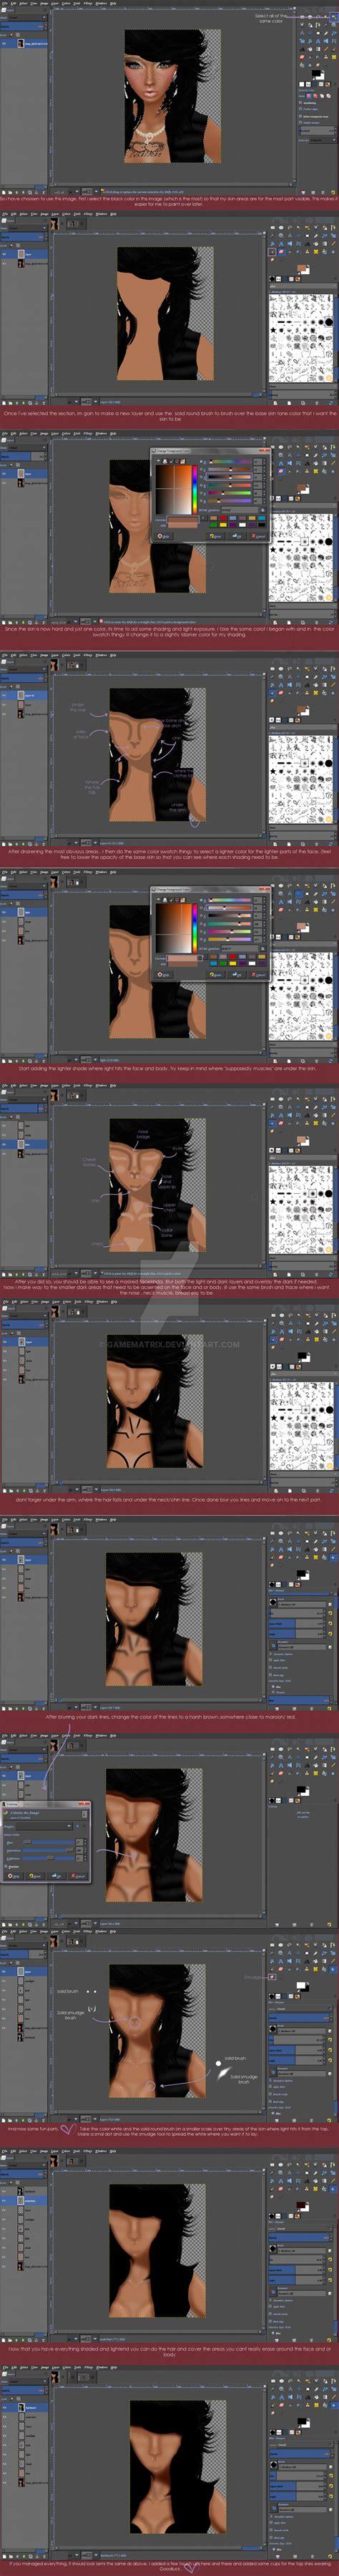 Tutorial Gimp Imvu | imvu skin tutorial gimp by gamematrix on deviantart